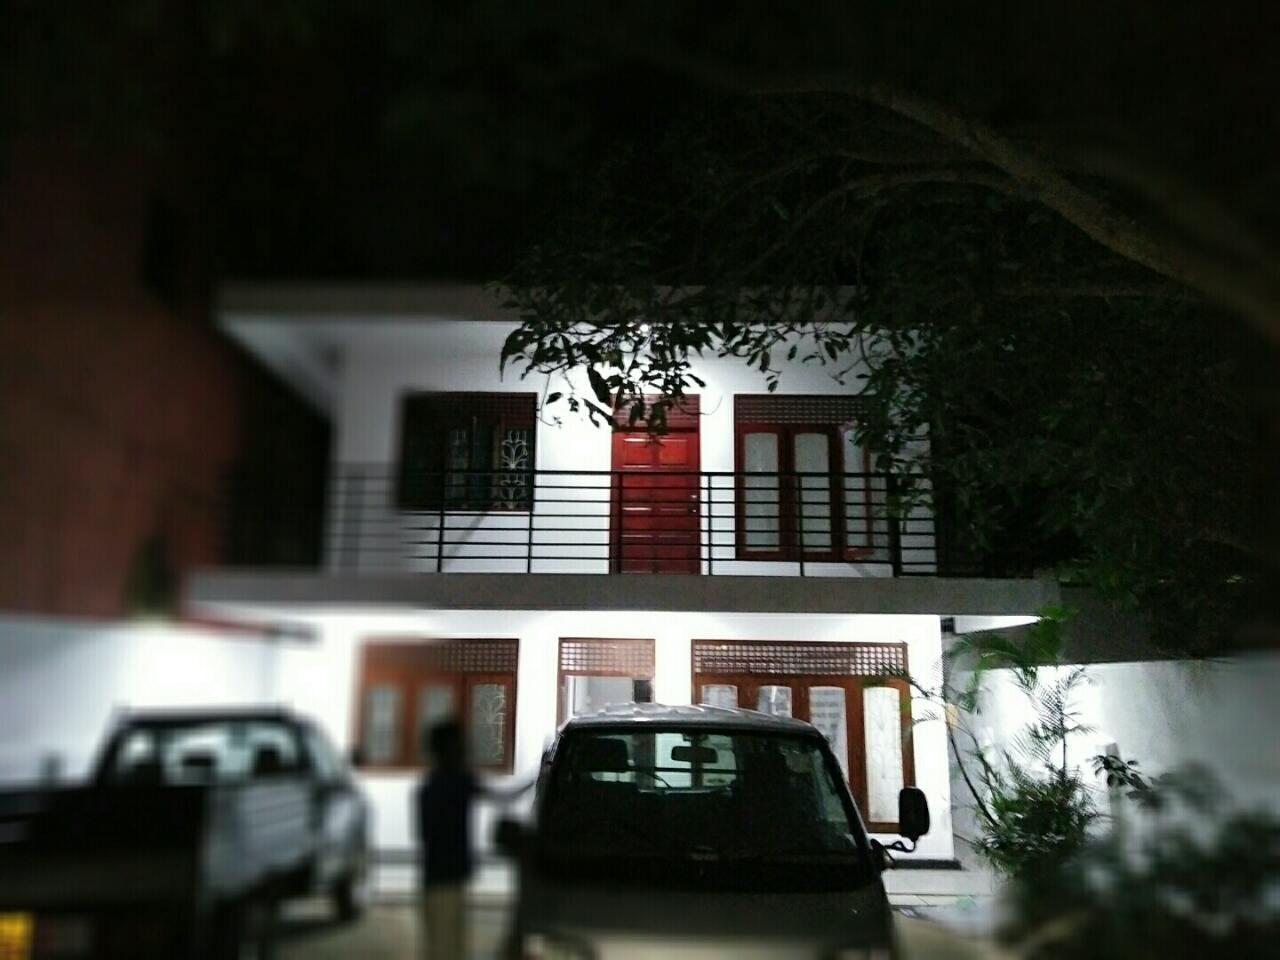 rovinka holiday resort colombo sri lanka great discounted rates rh chiangdao com